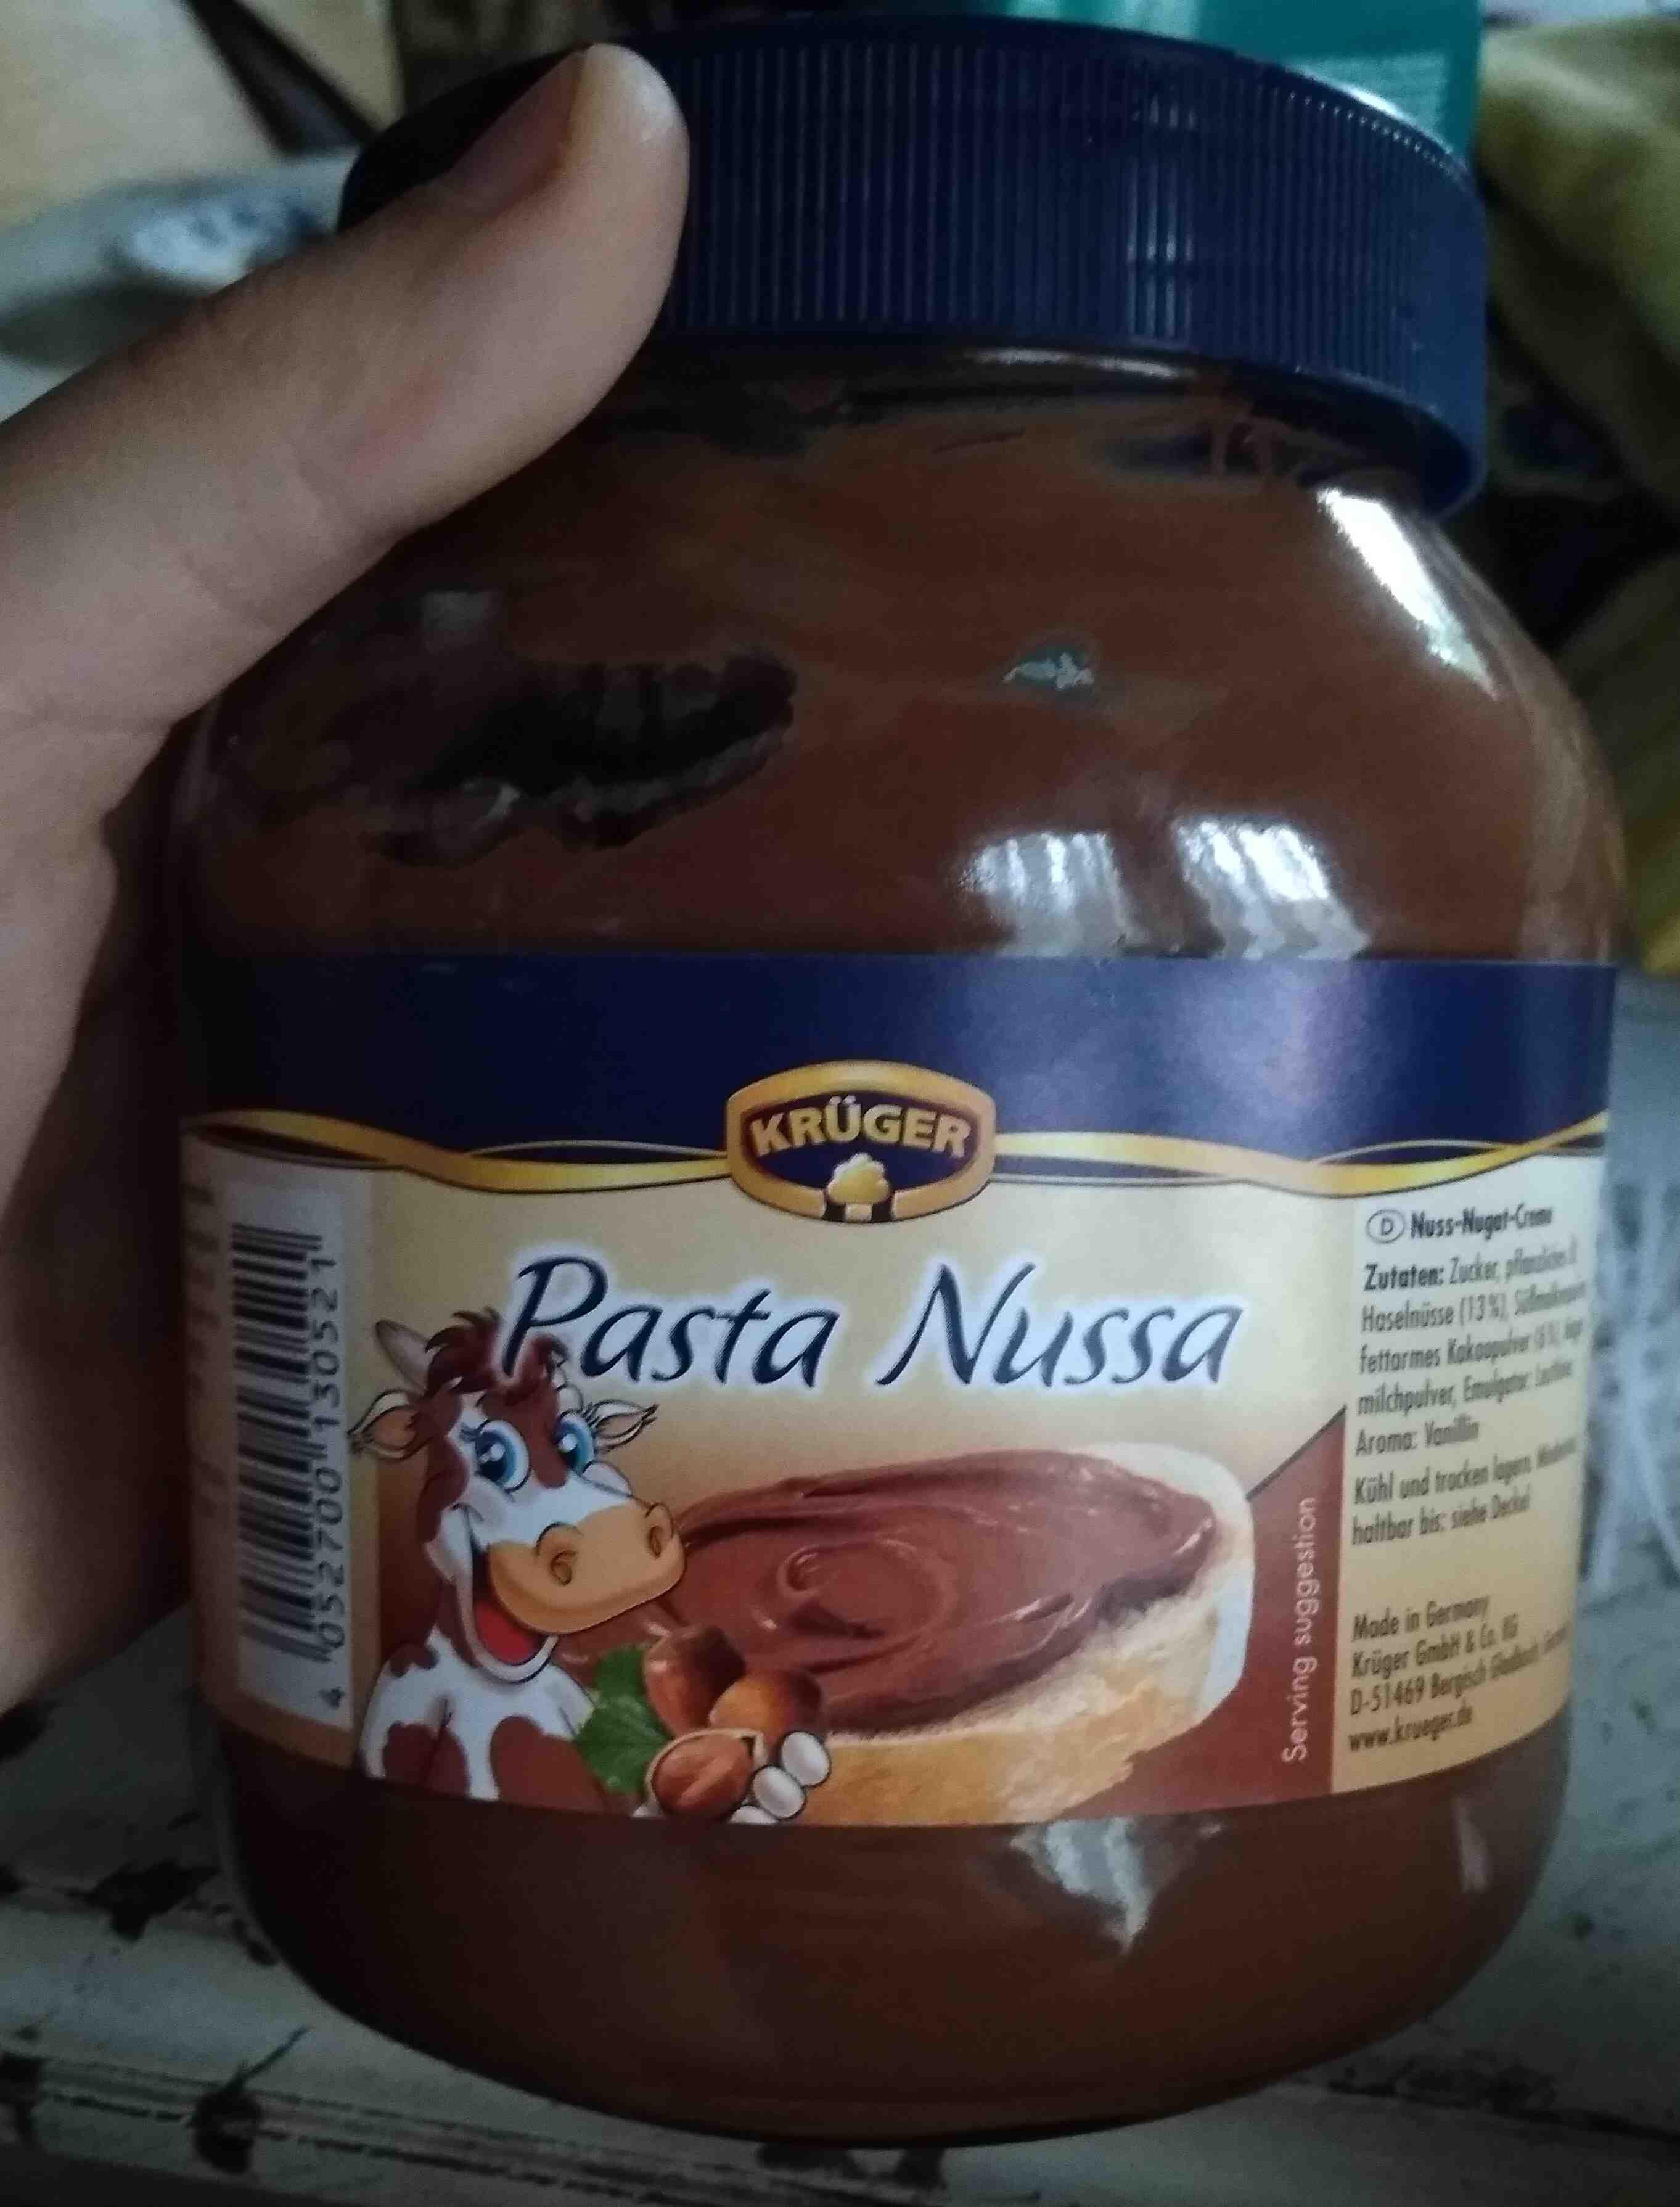 Pasta nussa - Product